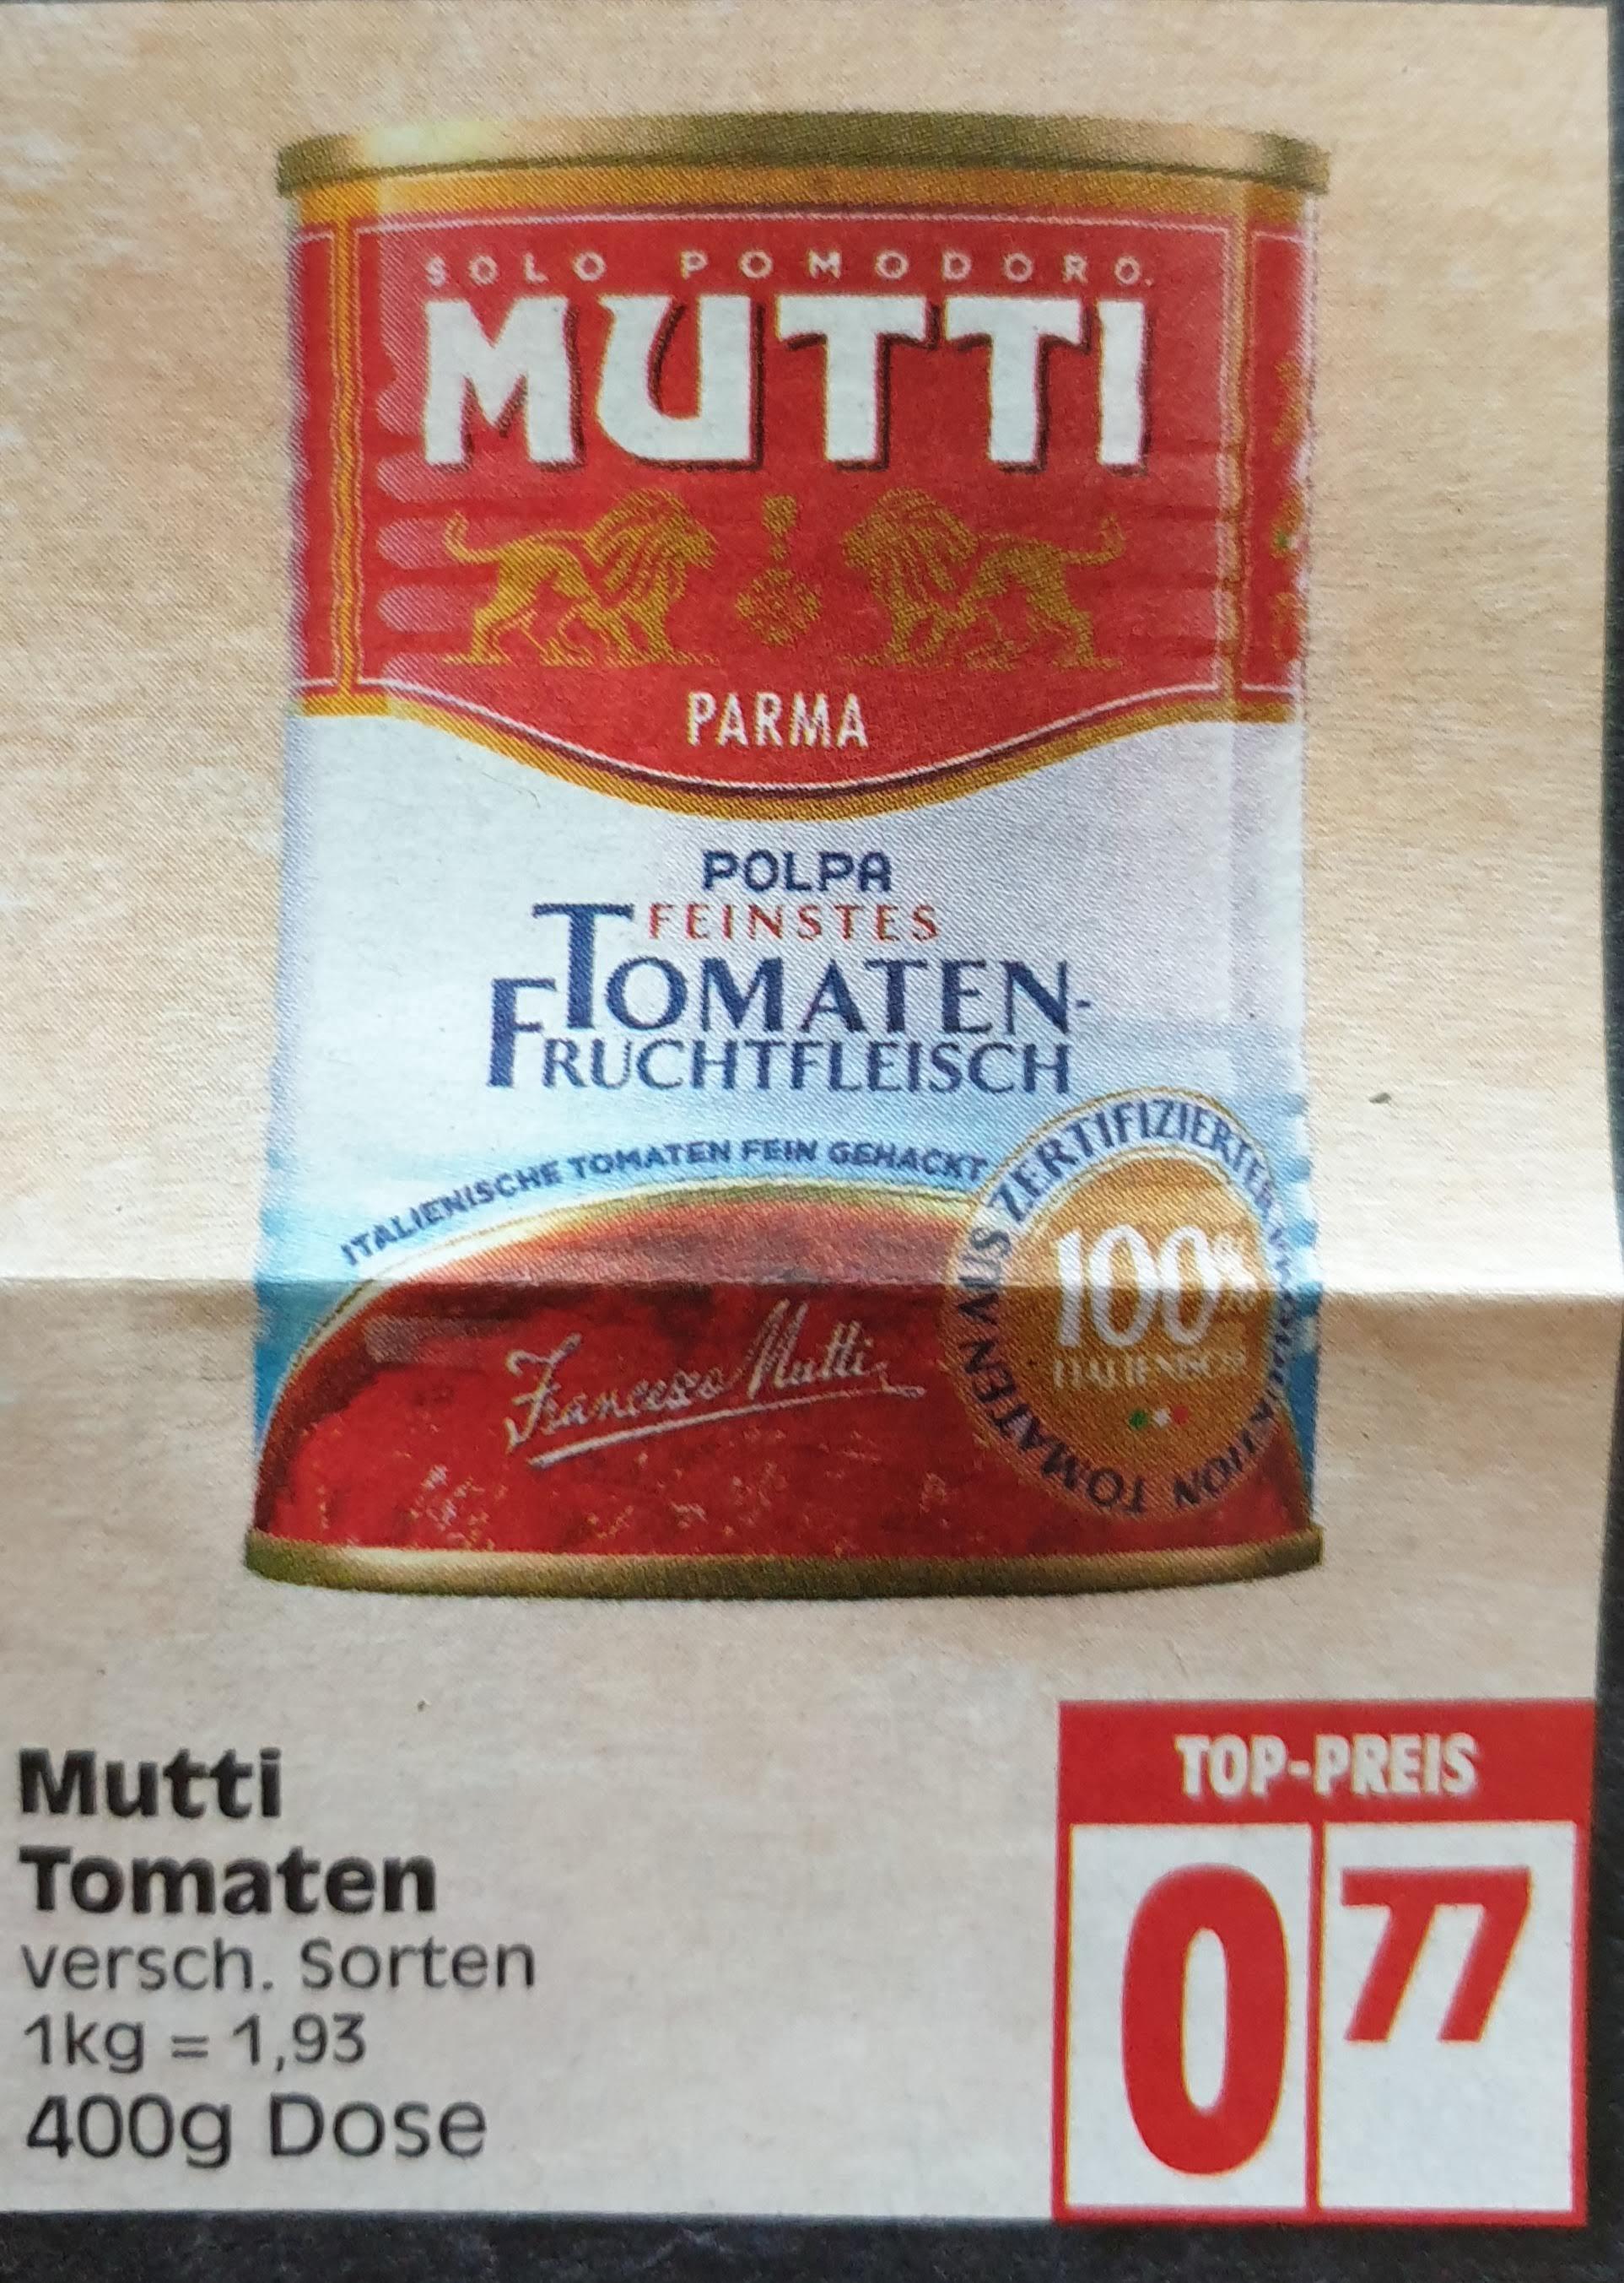 Mutti Dosentomaten, verschiedene Sorten - bei Edeka Minden-Hannover